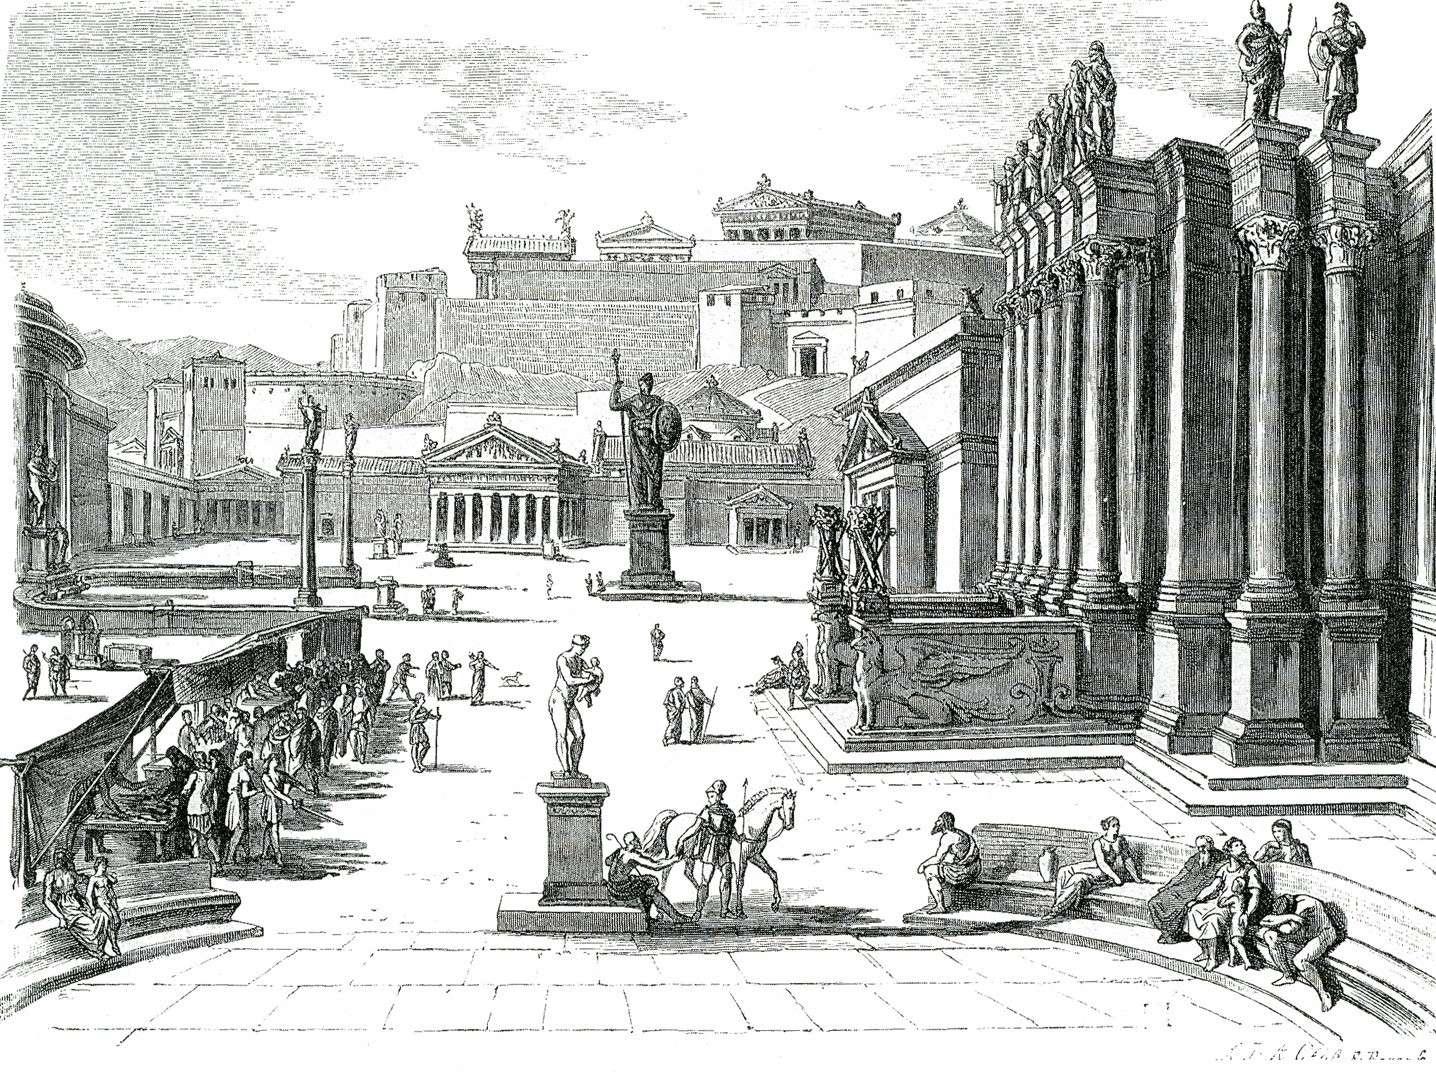 Απεικόνιση της αγοράς της αρχαίας Σπάρτης, 19ος αιώνας